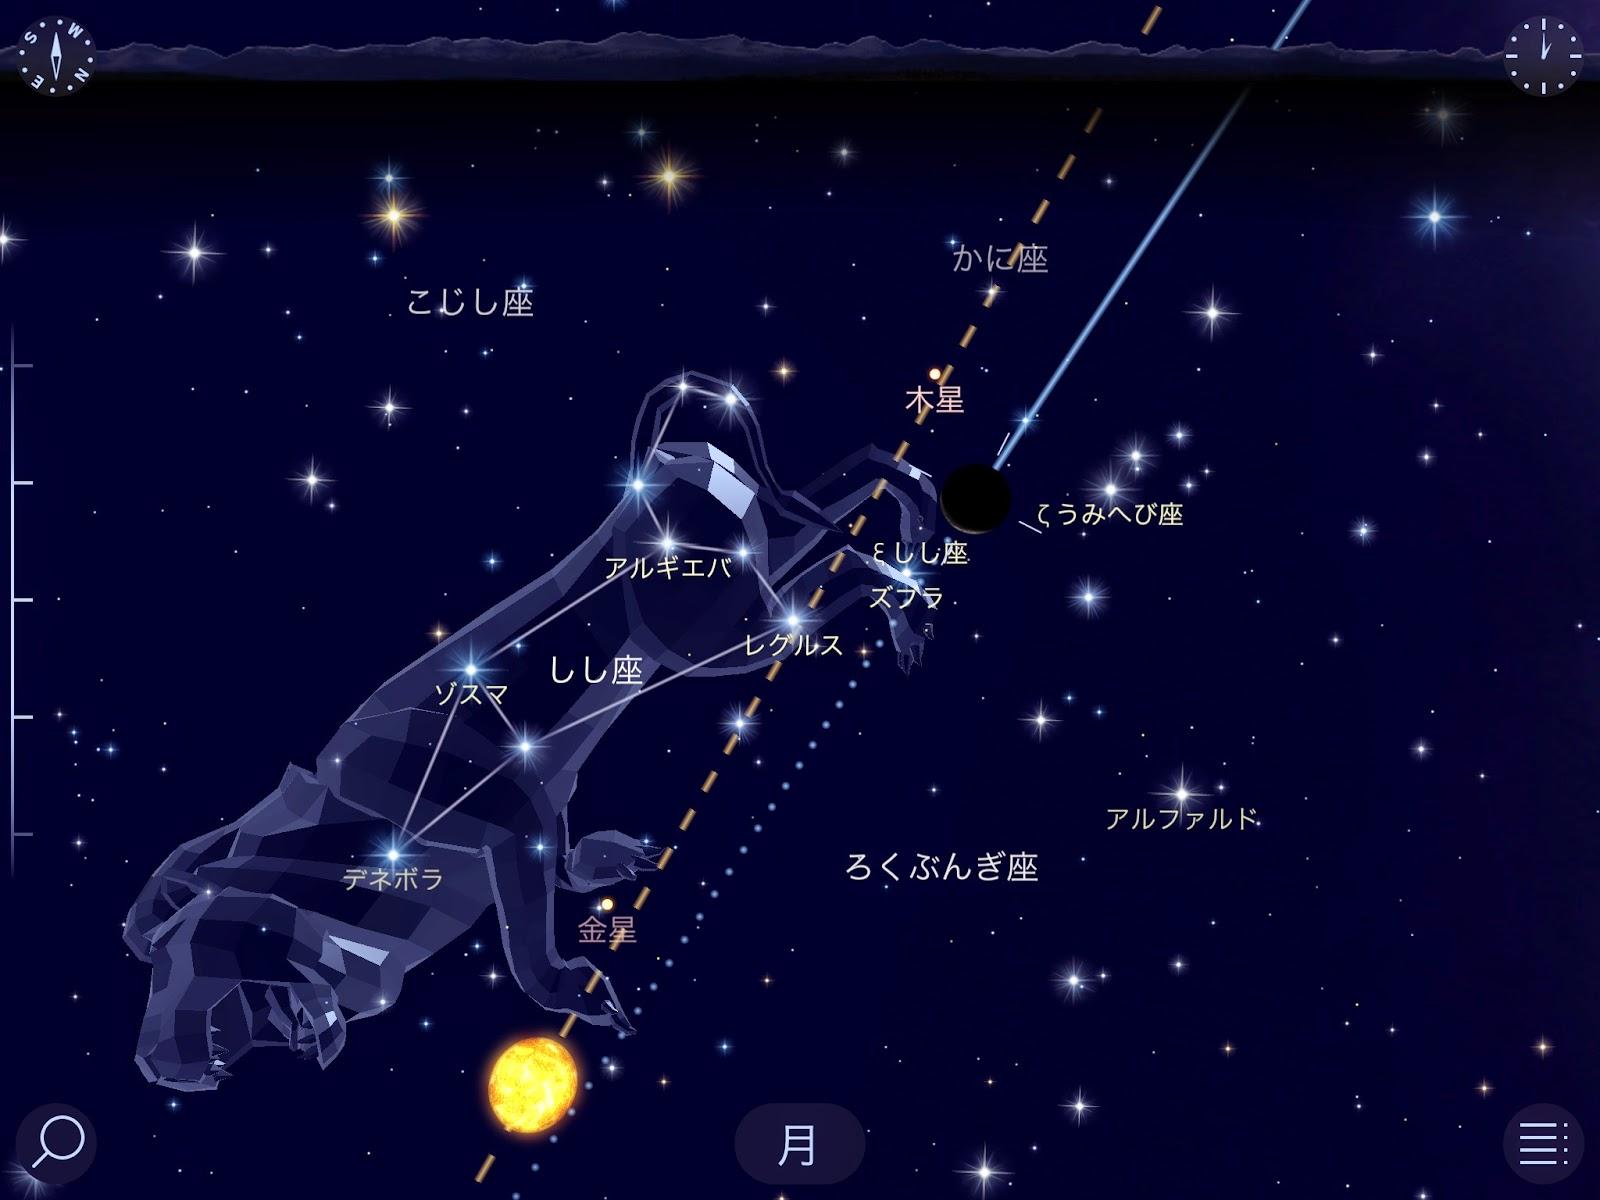 明日のれな☆宇宙のリズムにのって: 2014.9.21〜23 月の星座 *獅子座(リアルタイム)